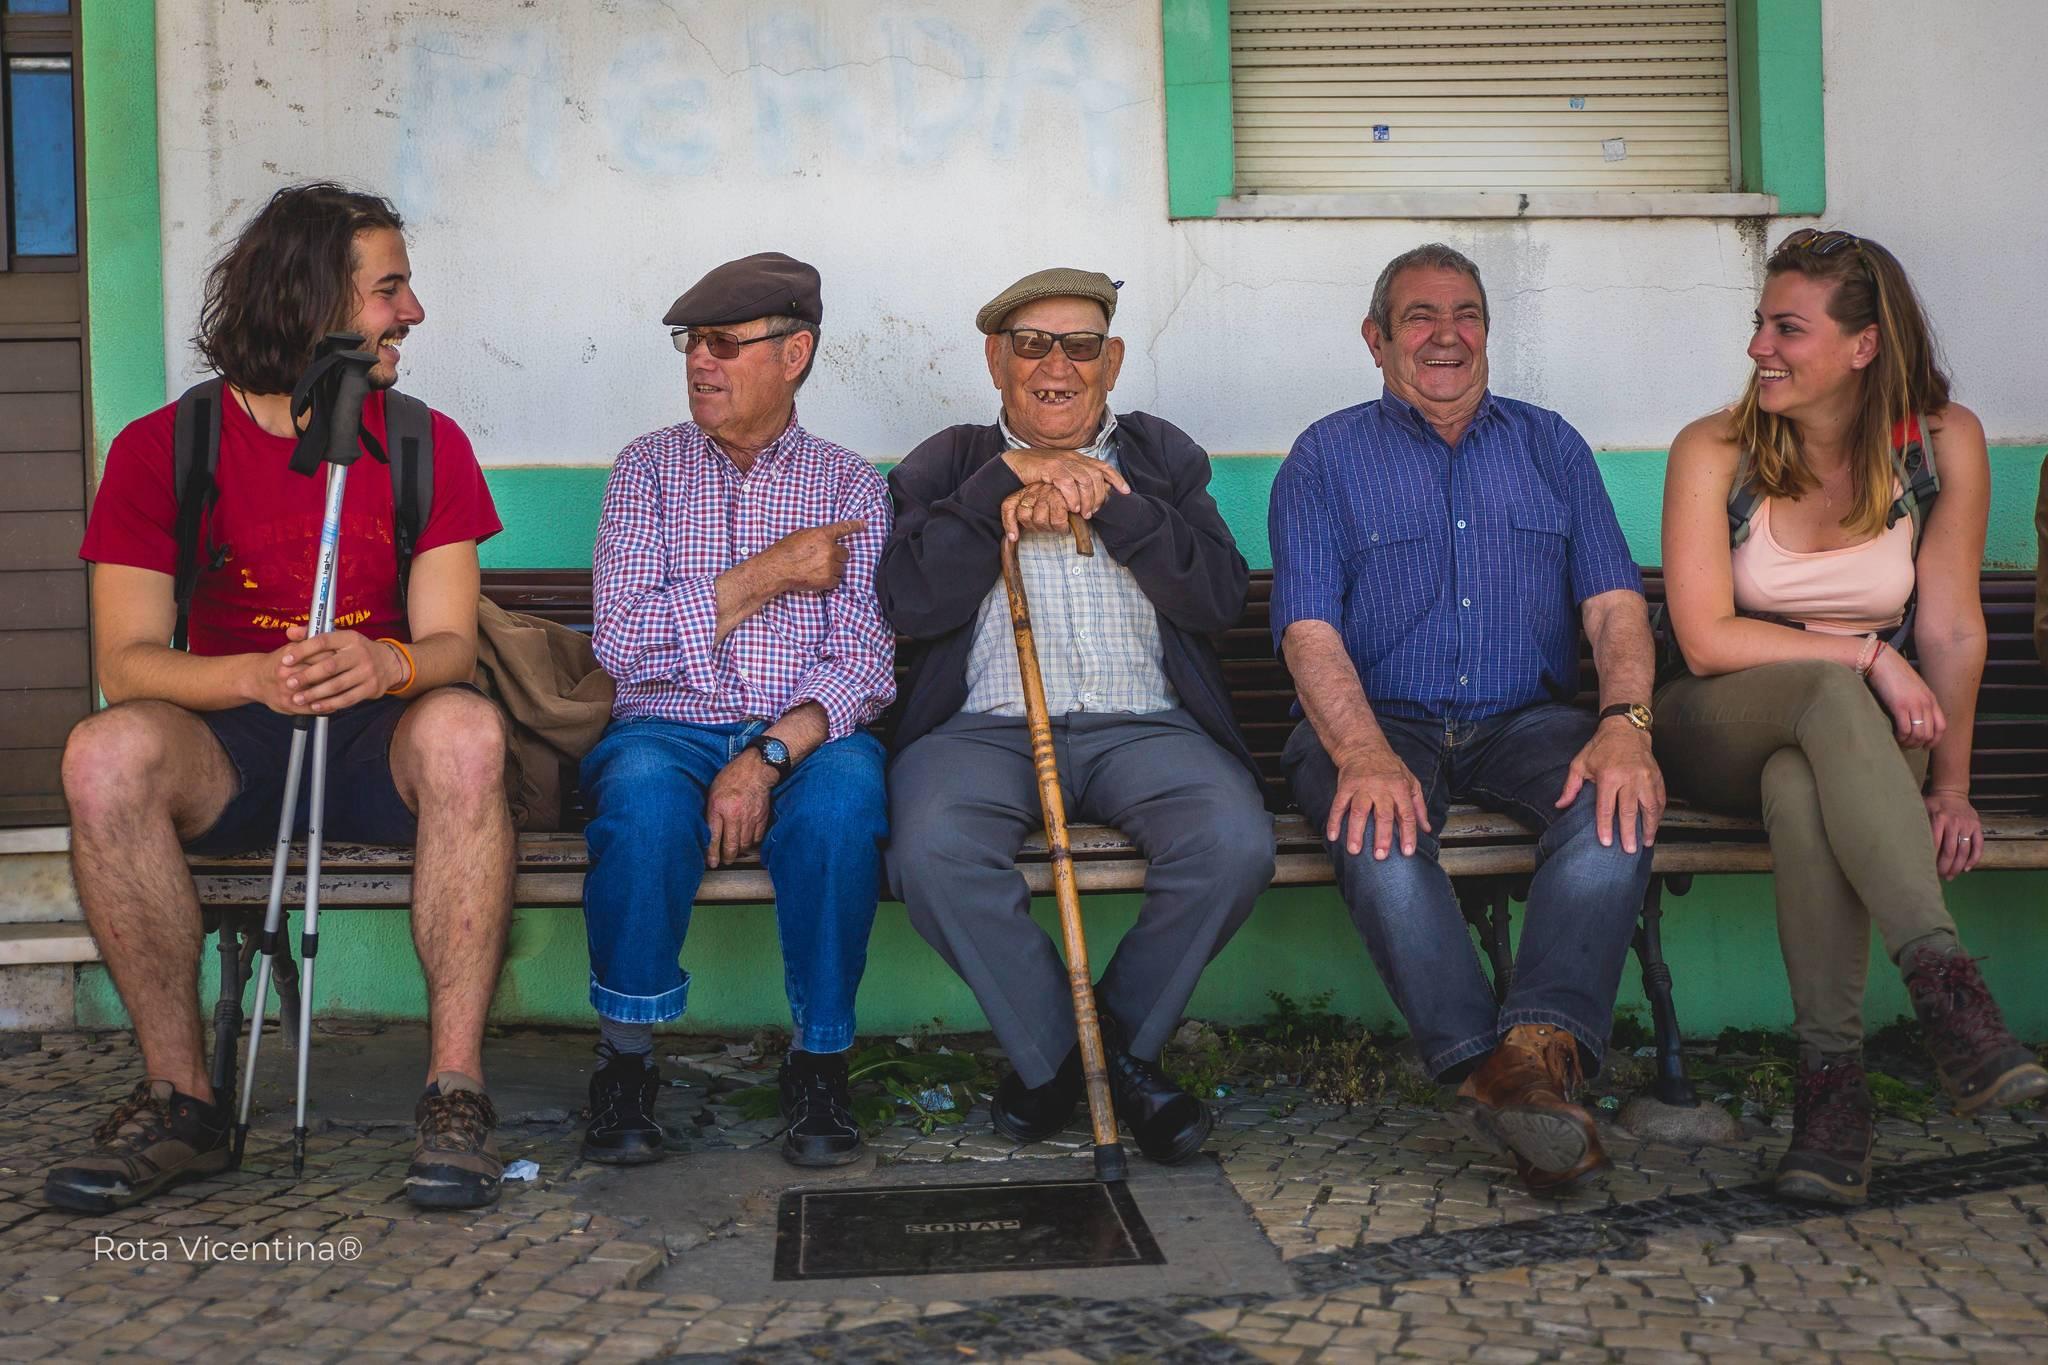 La Ruta Vicentina invita a acercarse al modo de vida local.